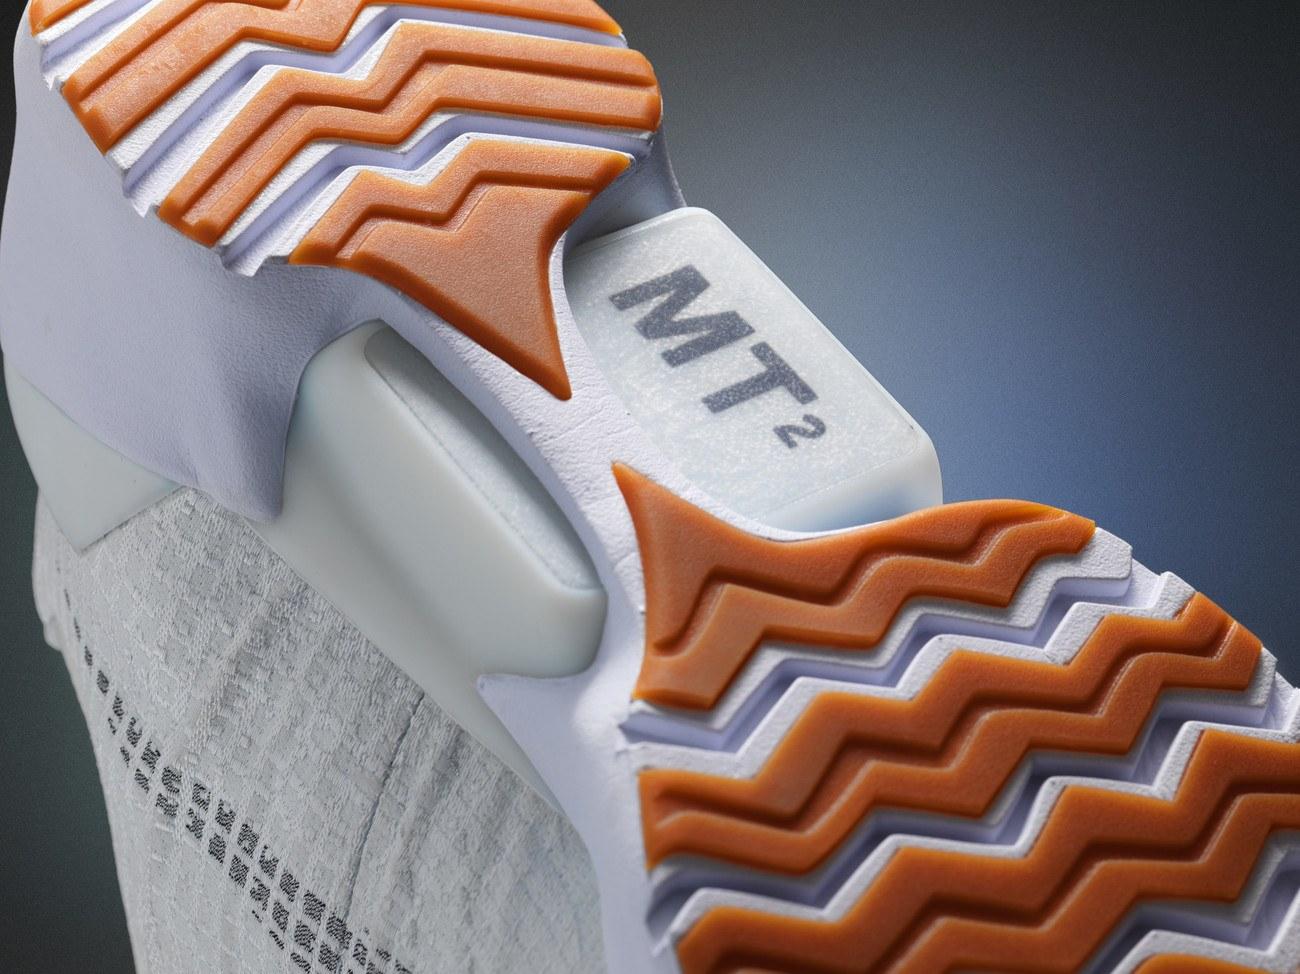 hyperadapt-1-self-tying-sneakers-by-nike-10